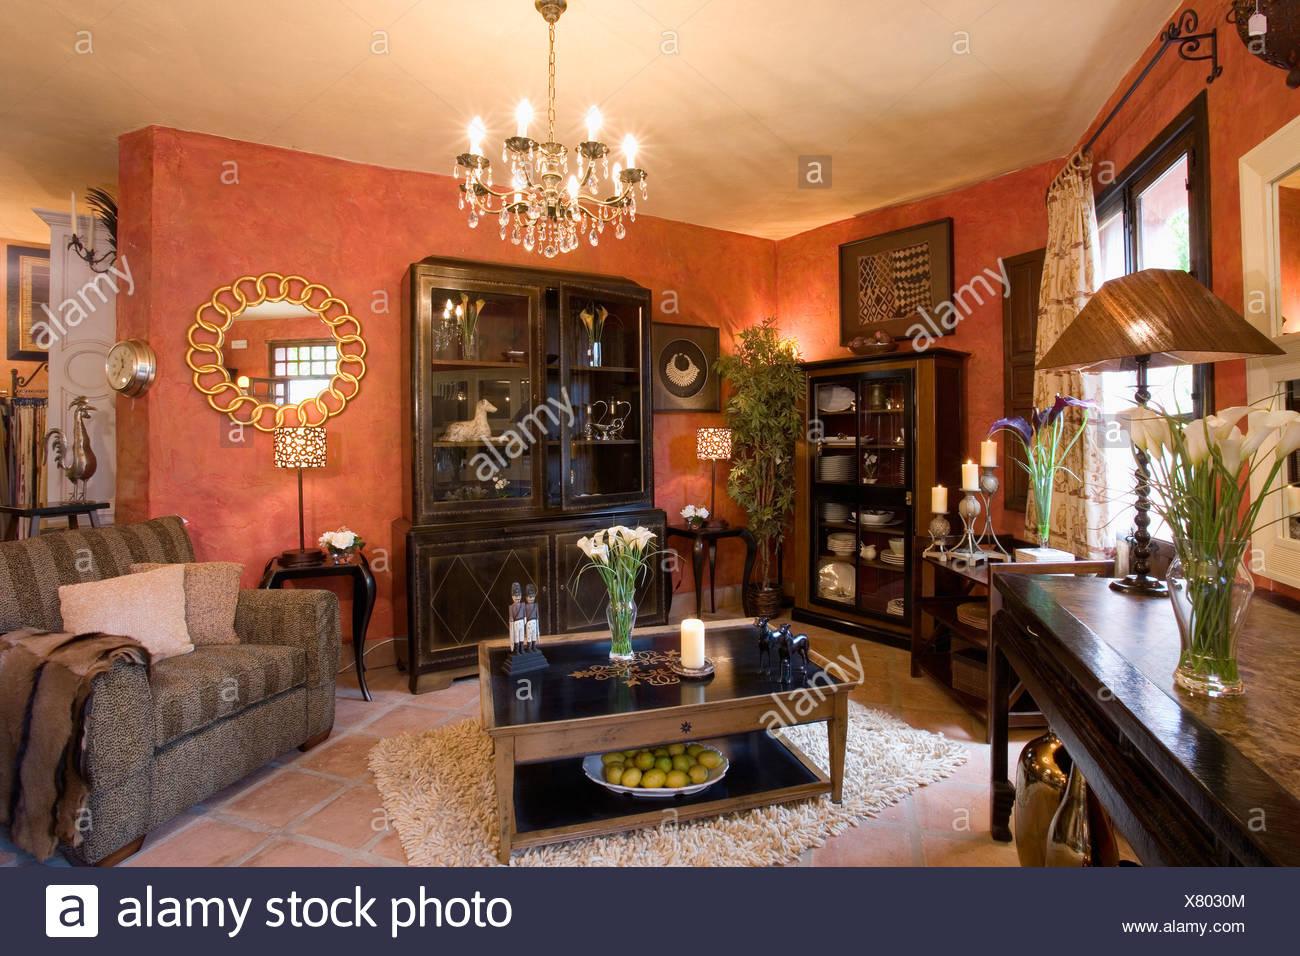 Dunkelbraune Möbel Und Moderne Kronleuchter Im Spanischen Wohnzimmer Mit  Orange Wand